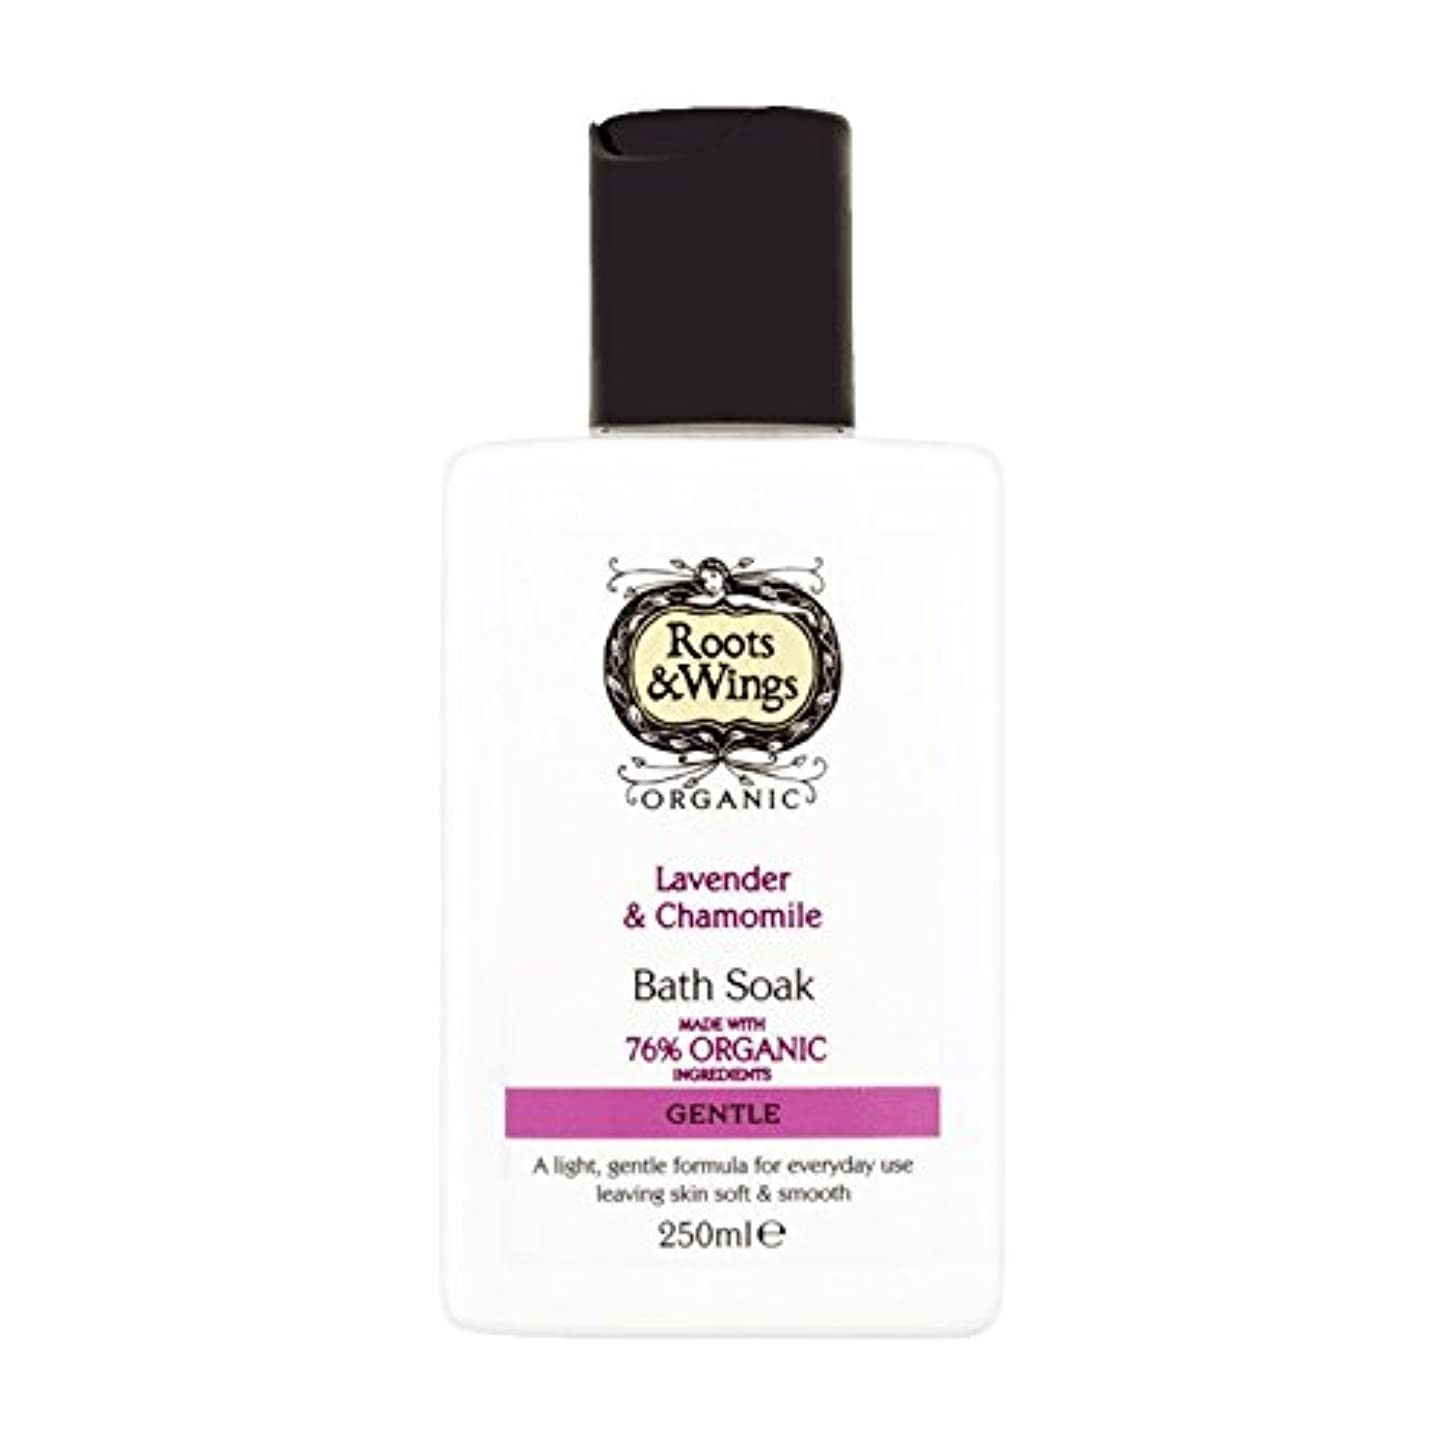 寛大さ織る脊椎Roots & Wings Bath Soak Lavender & Chamomile 250ml (Pack of 2) - ルーツ&翼はバスラベンダー&カモミール250ミリリットルを浸します (x2) [並行輸入品]